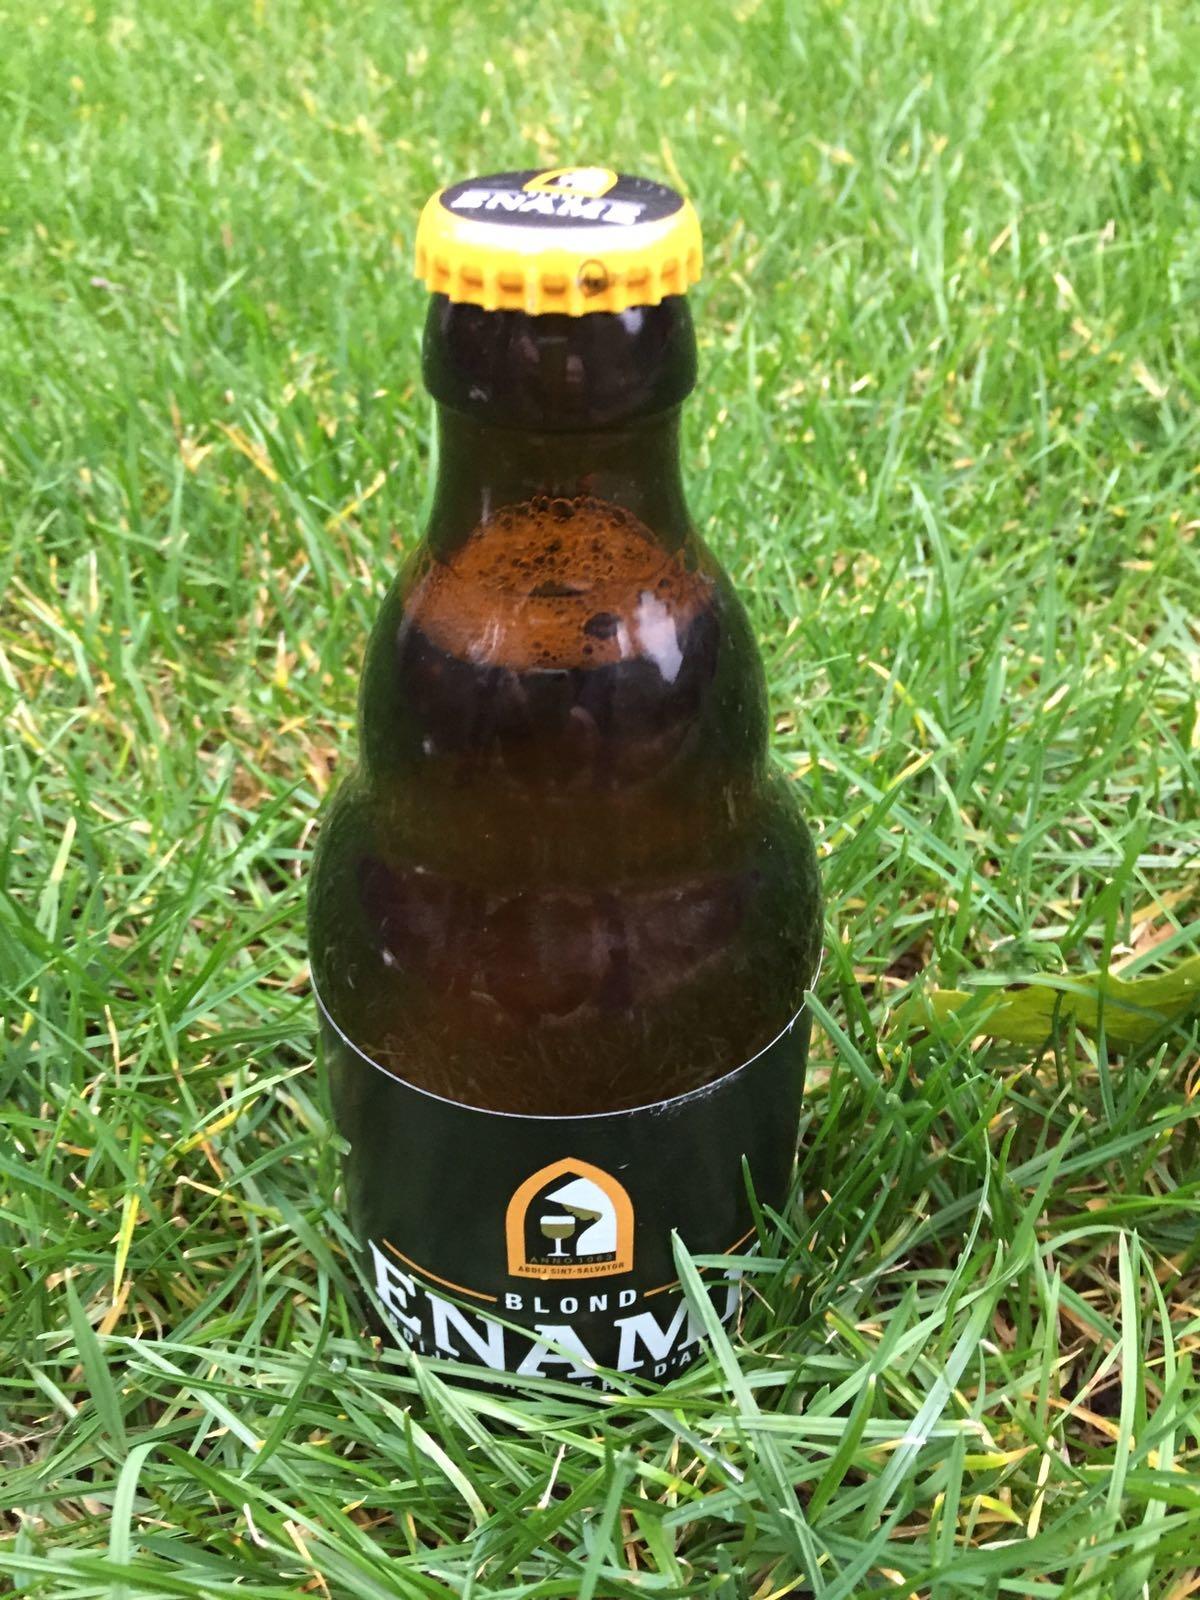 Ename Blond Herkomst: Oudenaarde, België De aroma's van dit bier bestaan uit banaan, sinaasappel en rvs. Nu denk je rvs, wat een gekke beschrijving, maar dit kunnen we uitleggen. Het geromantiseerde verhaal van koperen ketels waarin bier wordt gebrouwen is passé. Bieren worden tegenwoordig ook gebrouwen in grote Rvs-ketels. Dit kun je beleven terwijl je geniet van dit bier. Wij leggen dit uit in een filmpje op onze facebookpagina. Kortom, een gebalanceerd blond bier met een droge afdronk. Het bier bevat een alcoholpercentage van 6,5%. Advies serveertemperatuur: 5 à 6 graden.